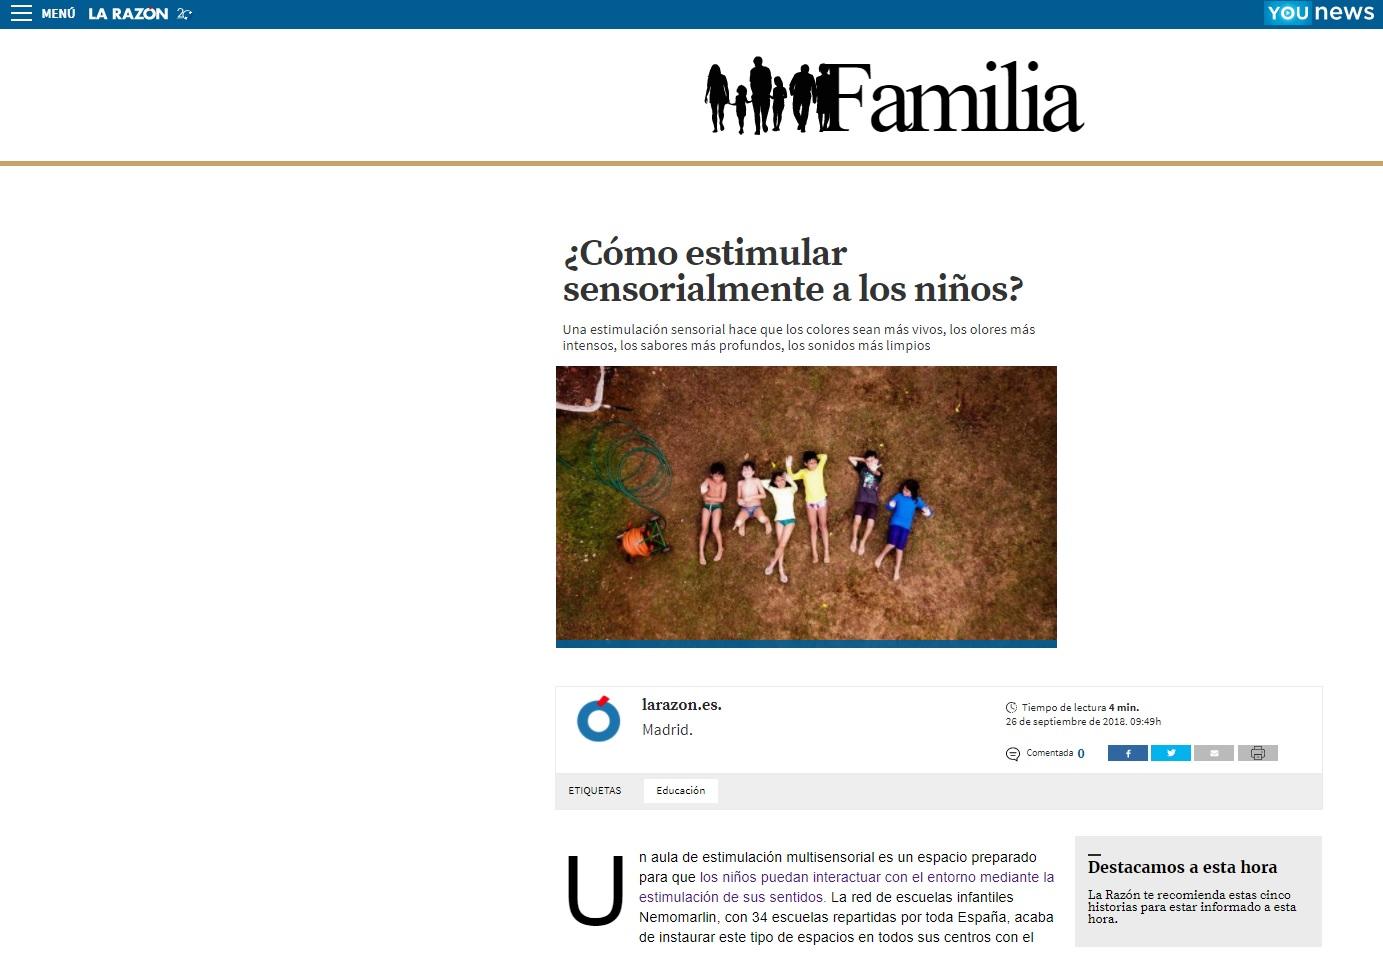 Estimular sensorialmente a los niños - Noticia Nemomarlin Escuelas Infantiles en la Razón Familia